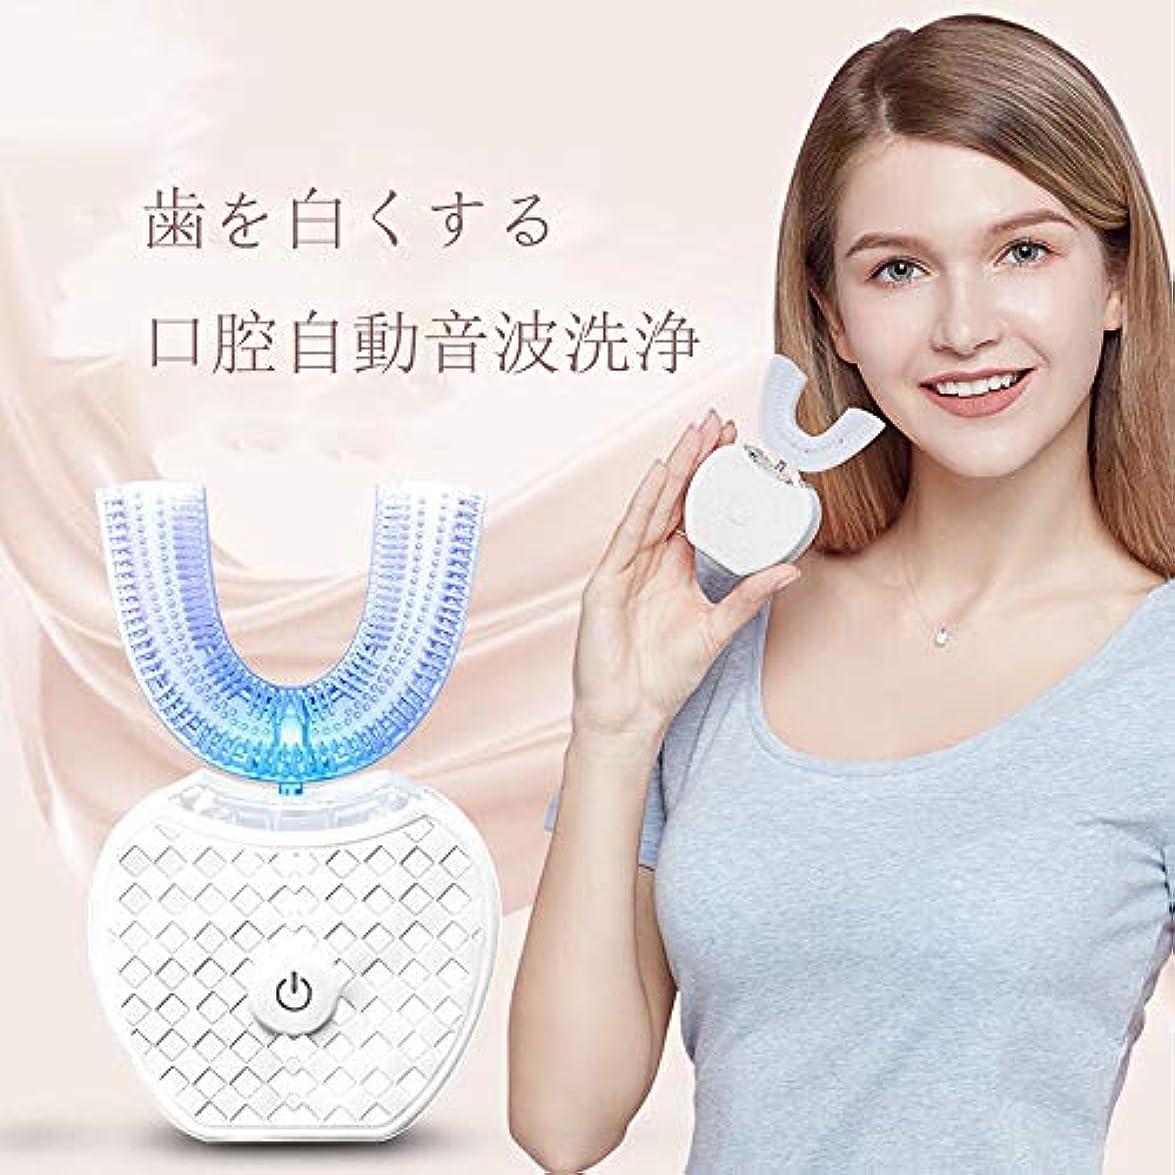 バドミントン韓国共同選択アップグレード 口腔洗浄器 デンタルケア 電動歯ブラシ ナノブルーレイ美歯 ワイヤレス充電 虫歯予防 U型 360°全方位 ホワイト